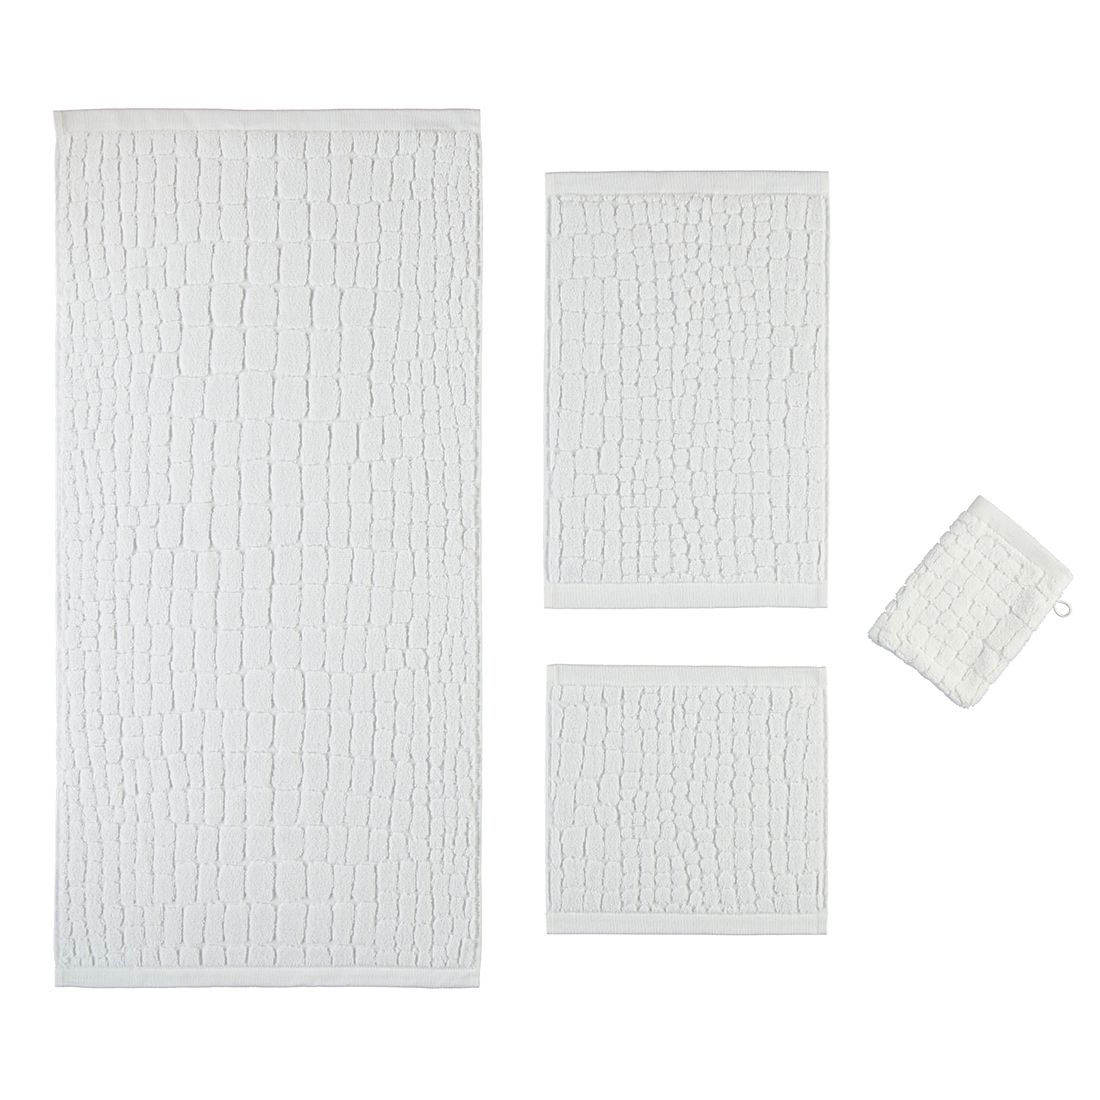 Handtuch Croco – 100% Baumwolle snow – 001 – Duschtuch: 80 x 150 cm, Möve online kaufen